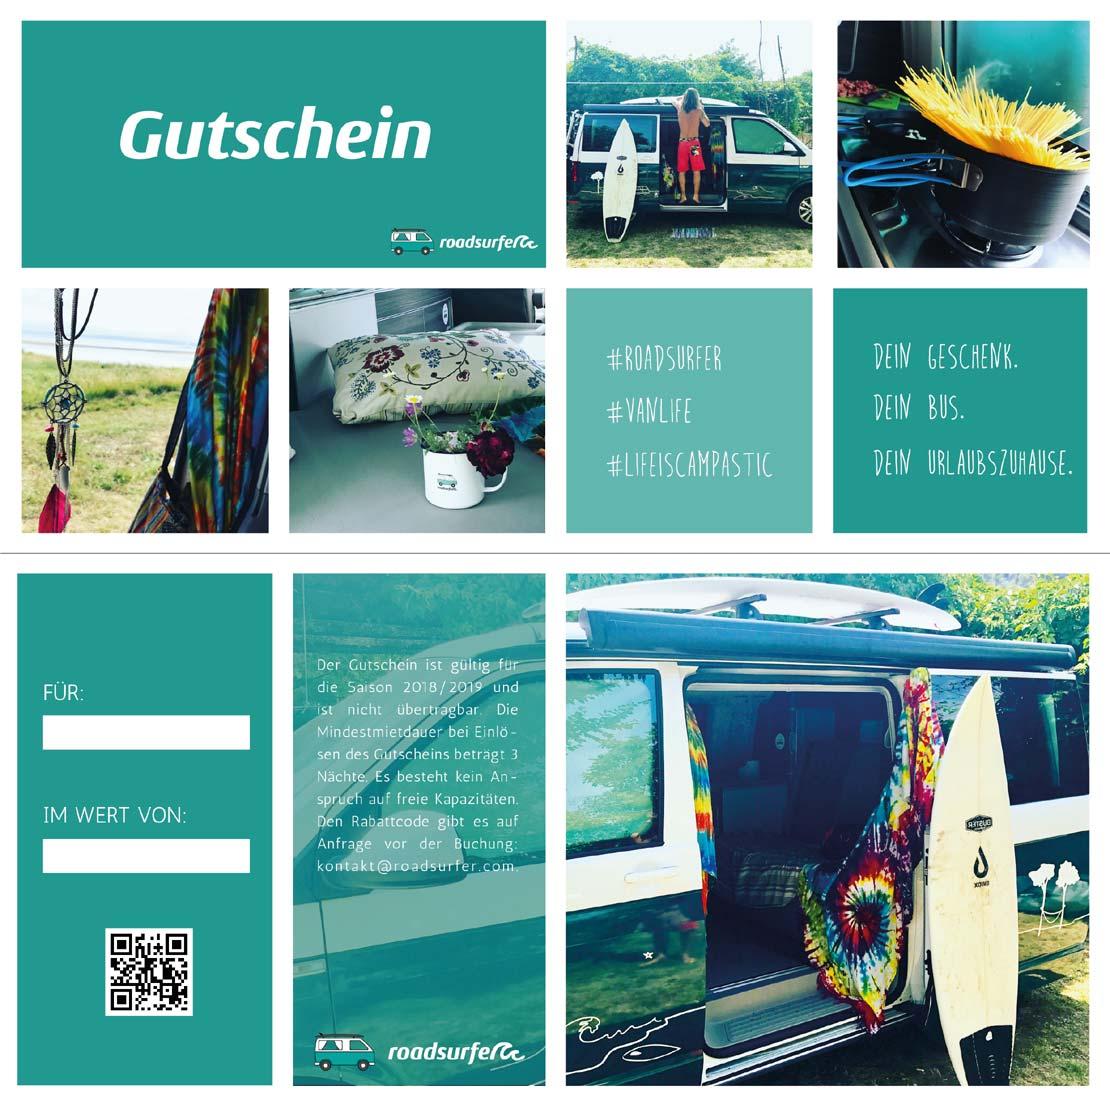 Camperreise Gutschein roadsurfer